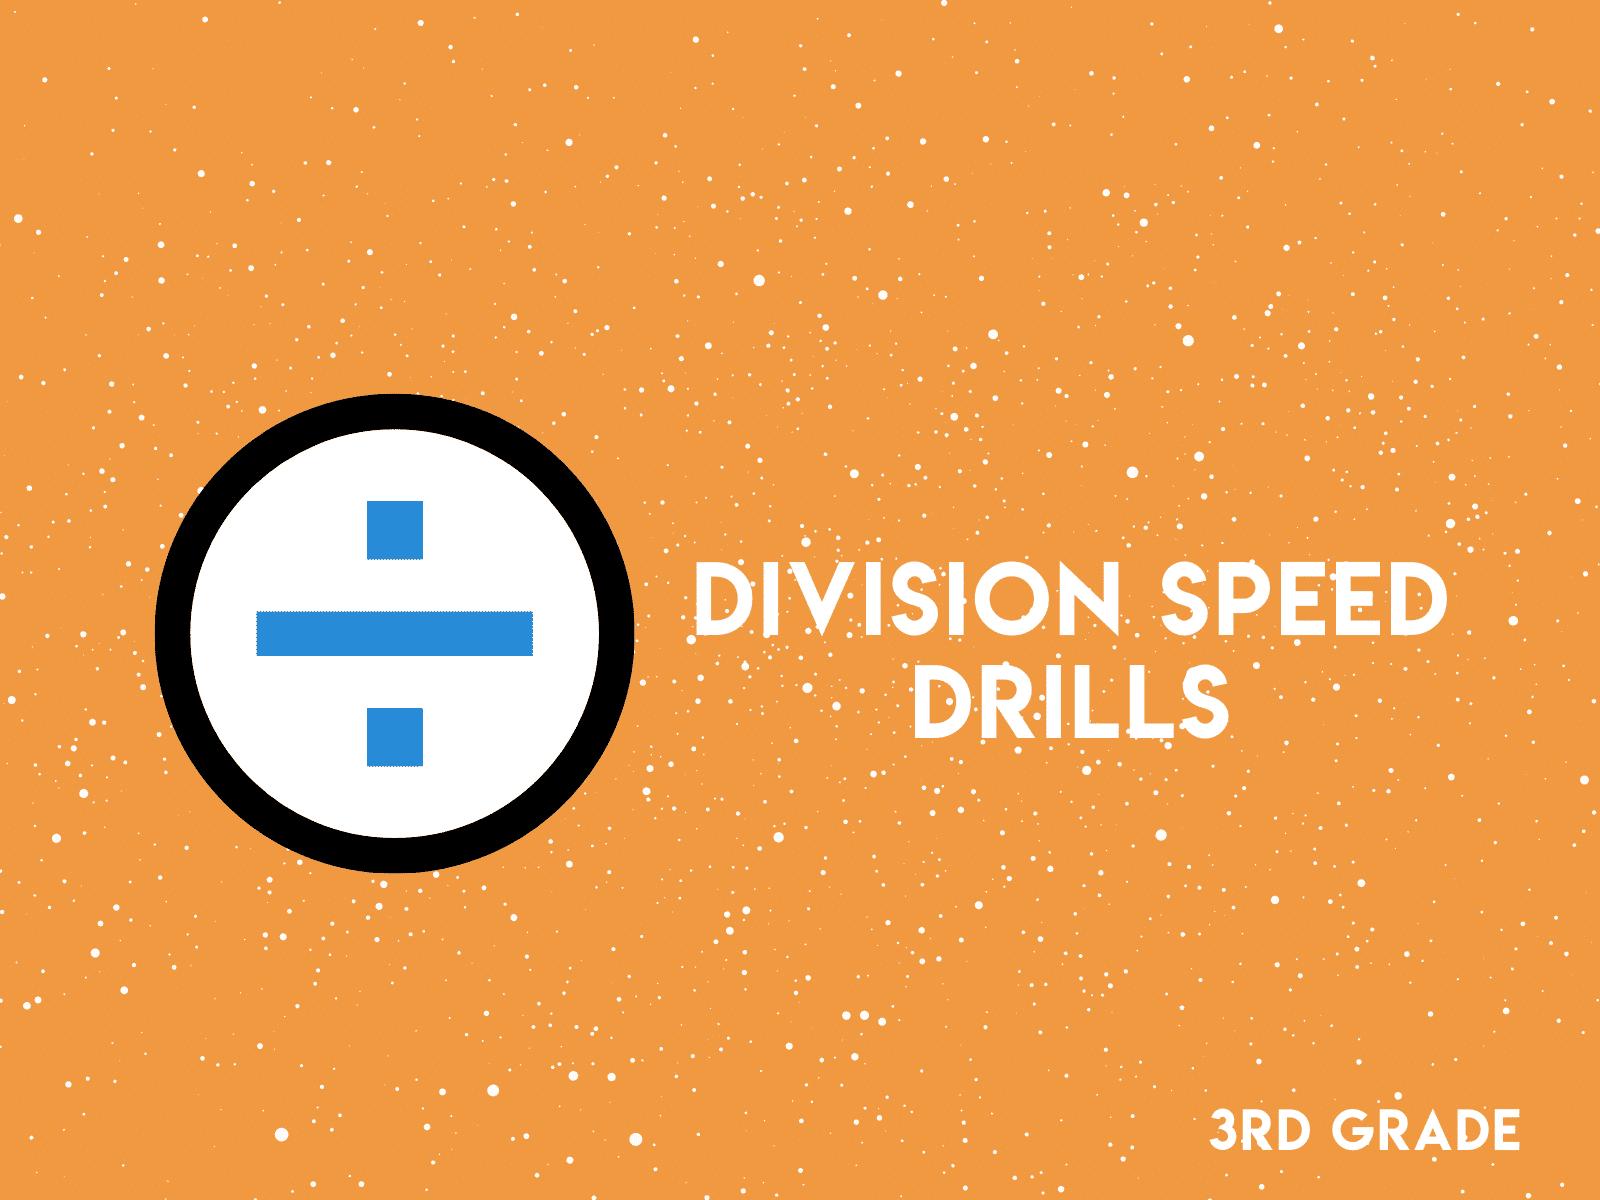 3rd Grade Division Speed Drills